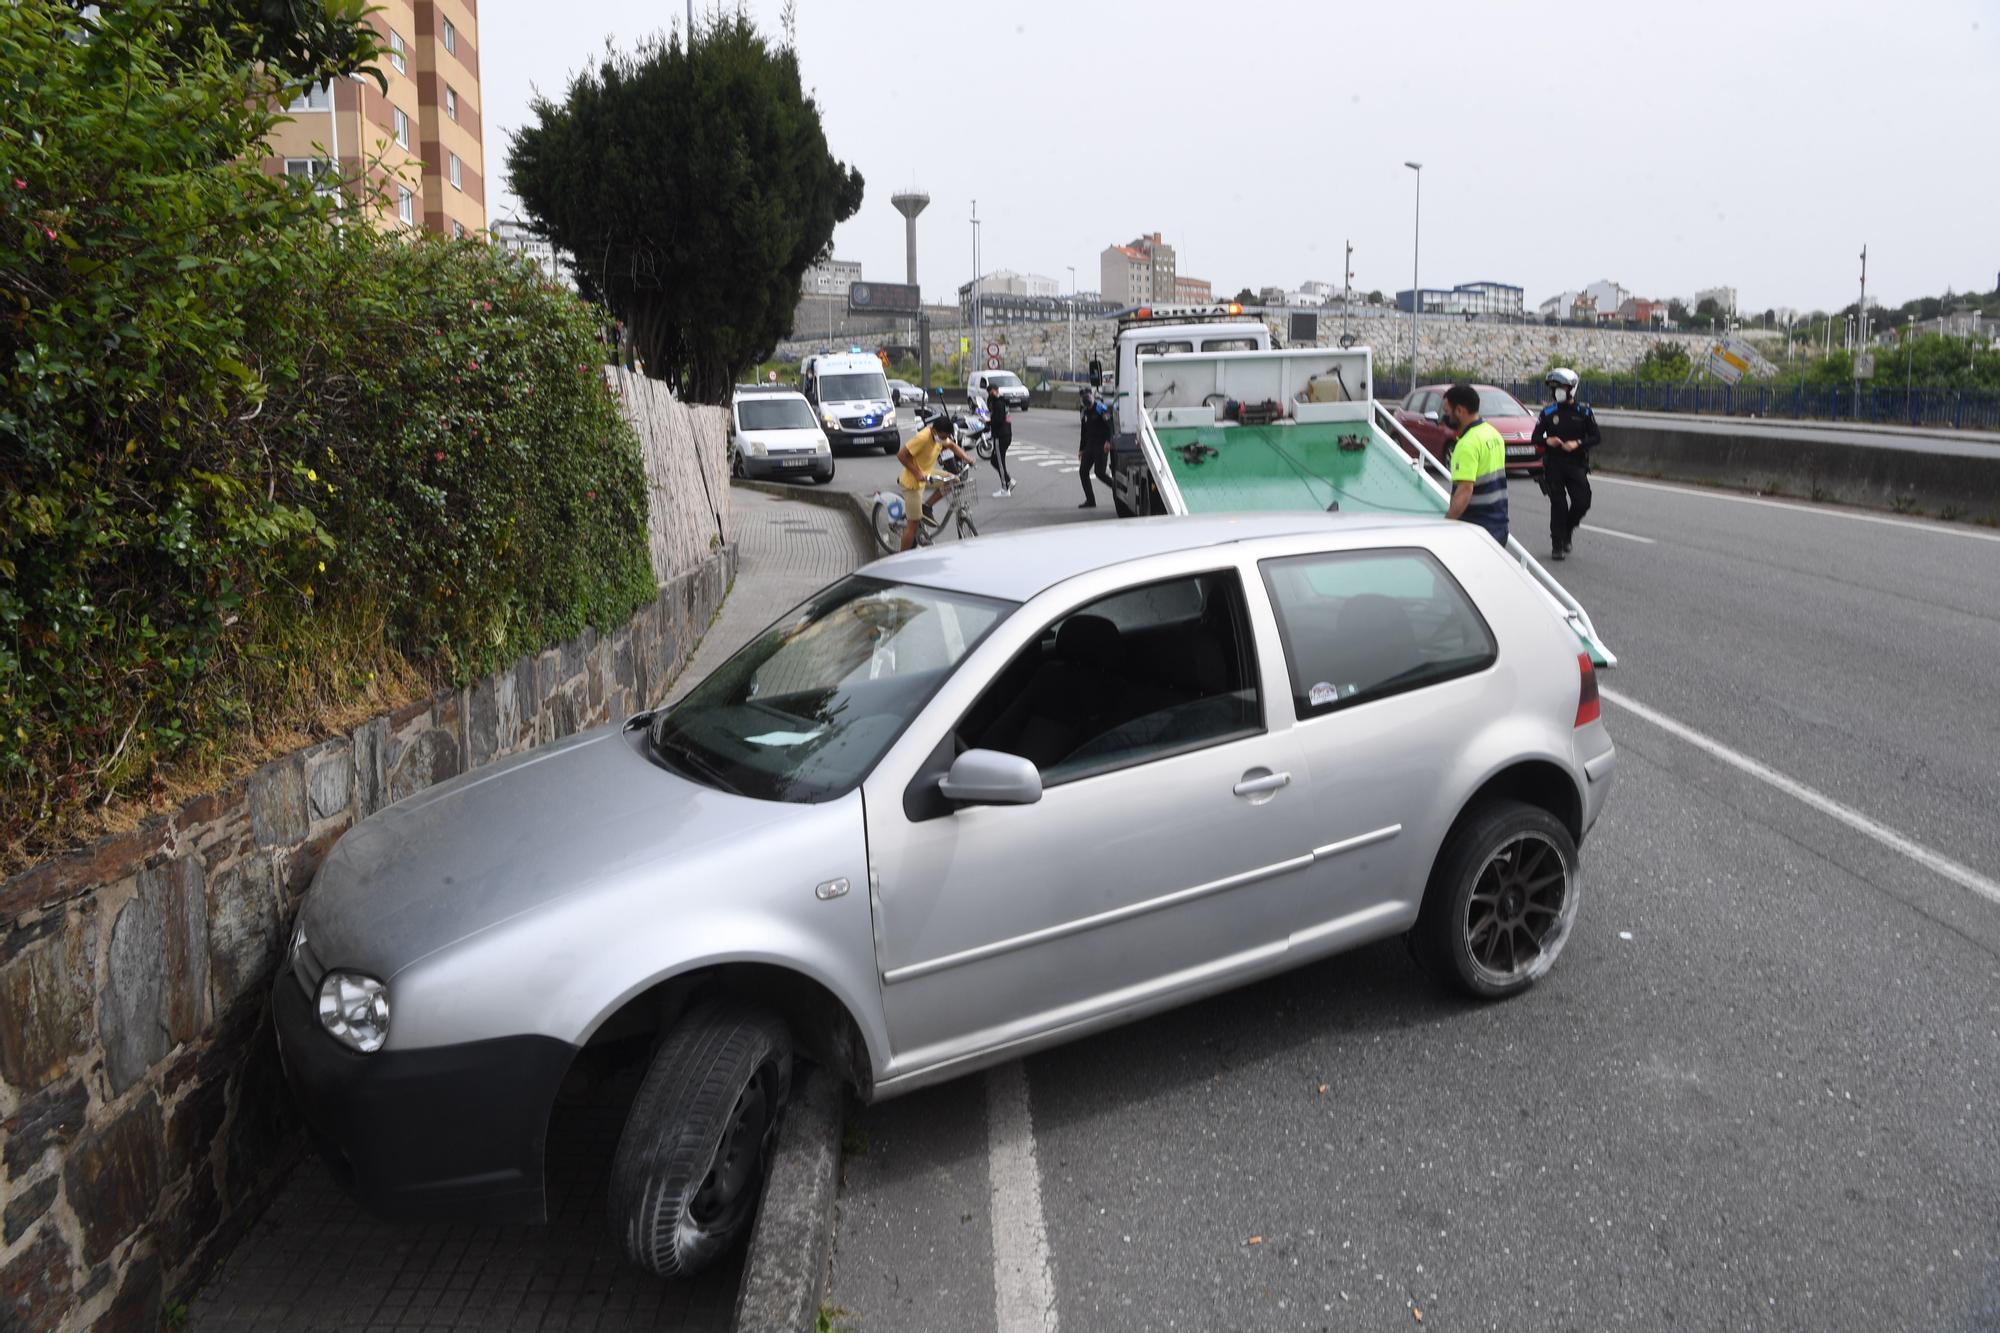 Un coche se estrella contra un muro en el Barrio de las Flores tras atravesar tres carriles